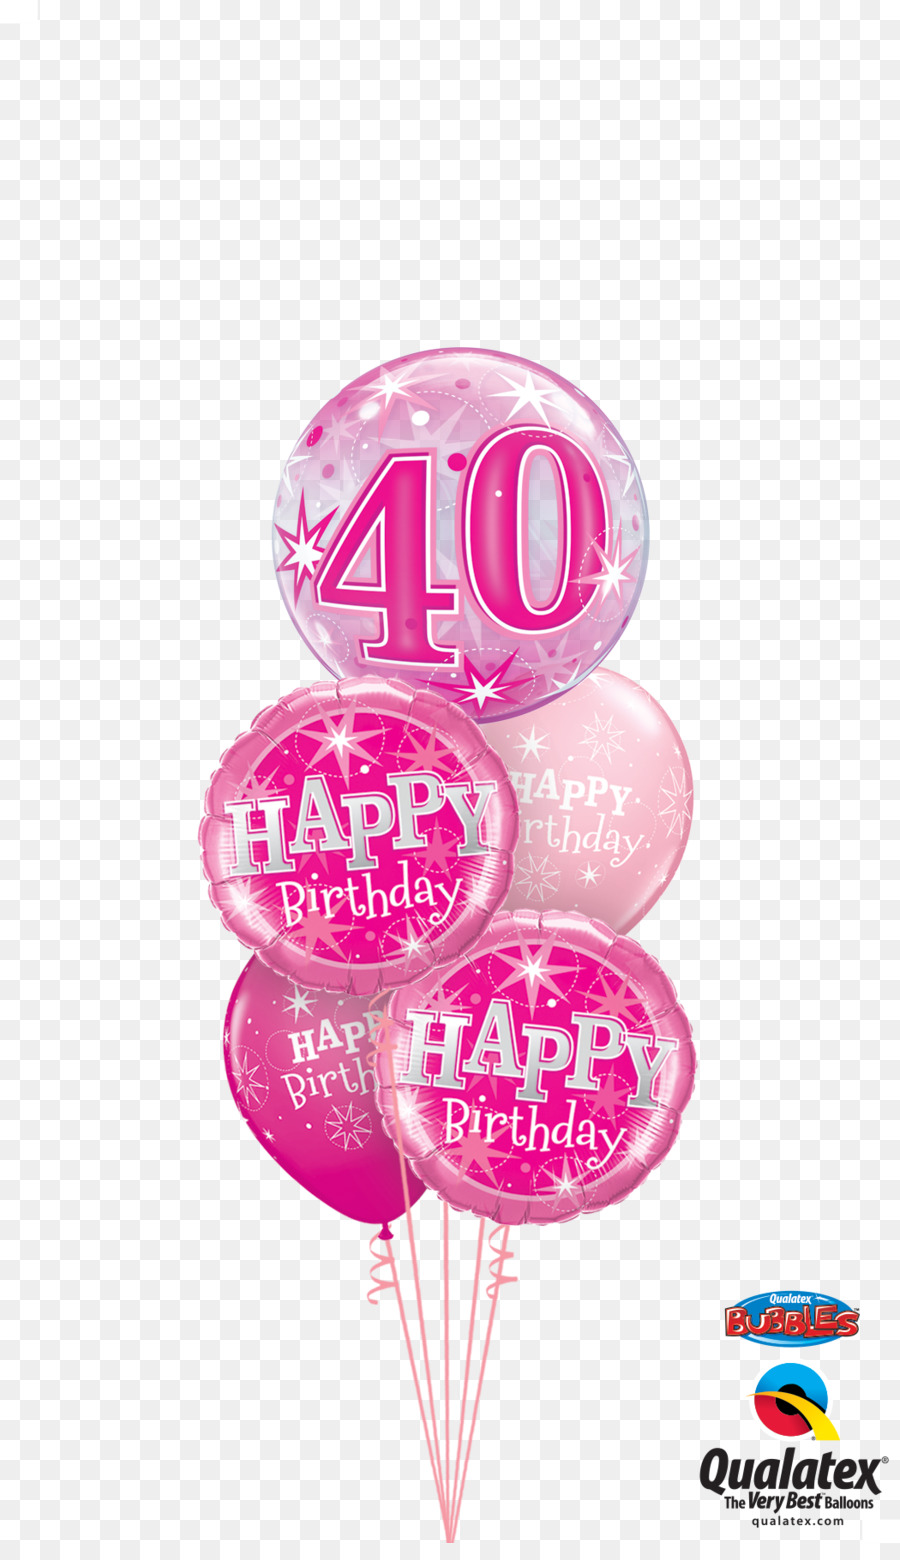 Geburtstag Kuchen Ballon Blumenstrauss Geschenk